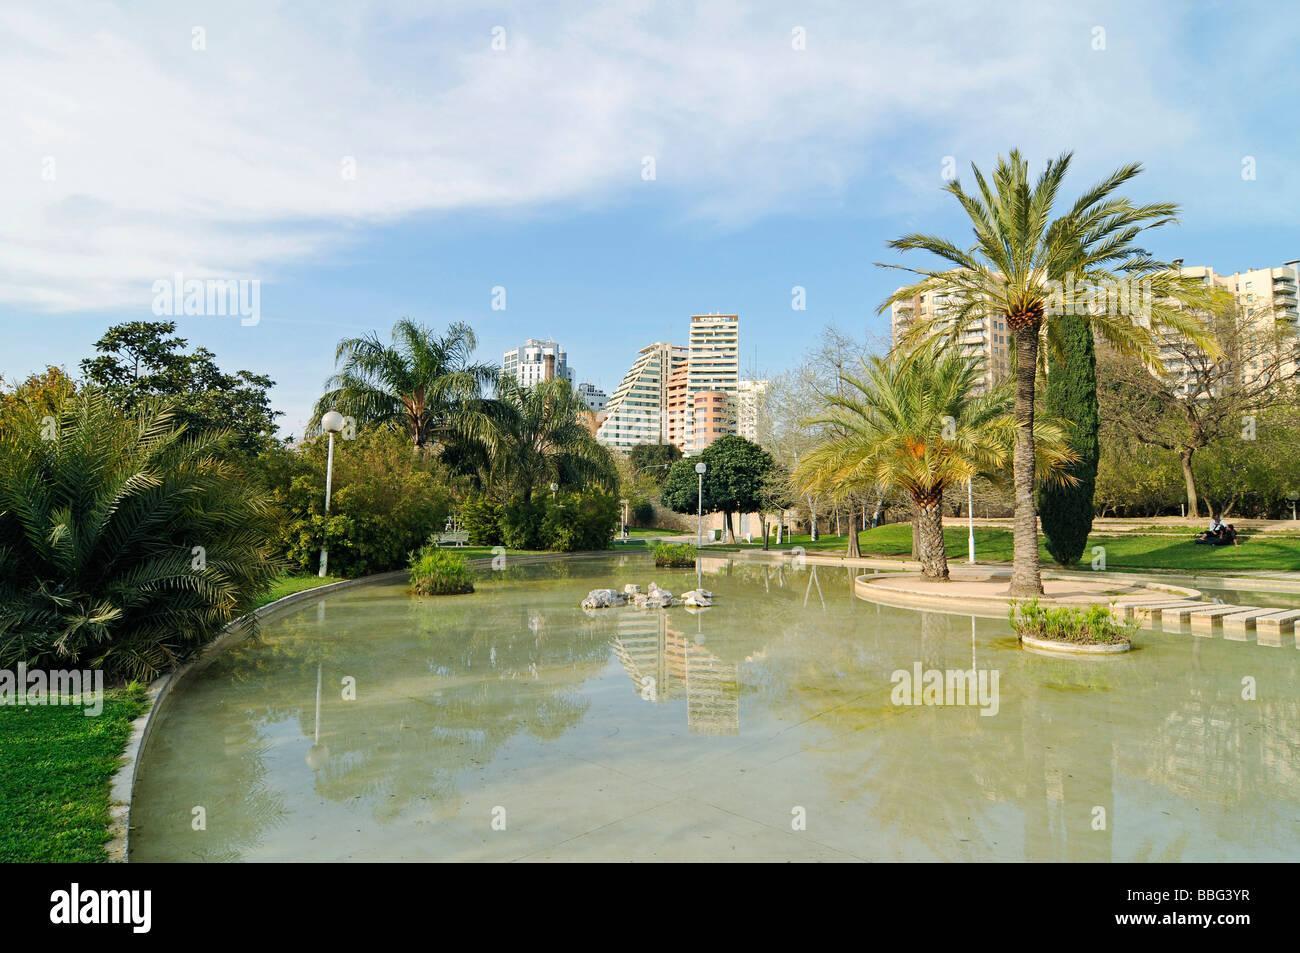 Water lake landscape architecture cultivation jardines - Jardin del turia valencia ...